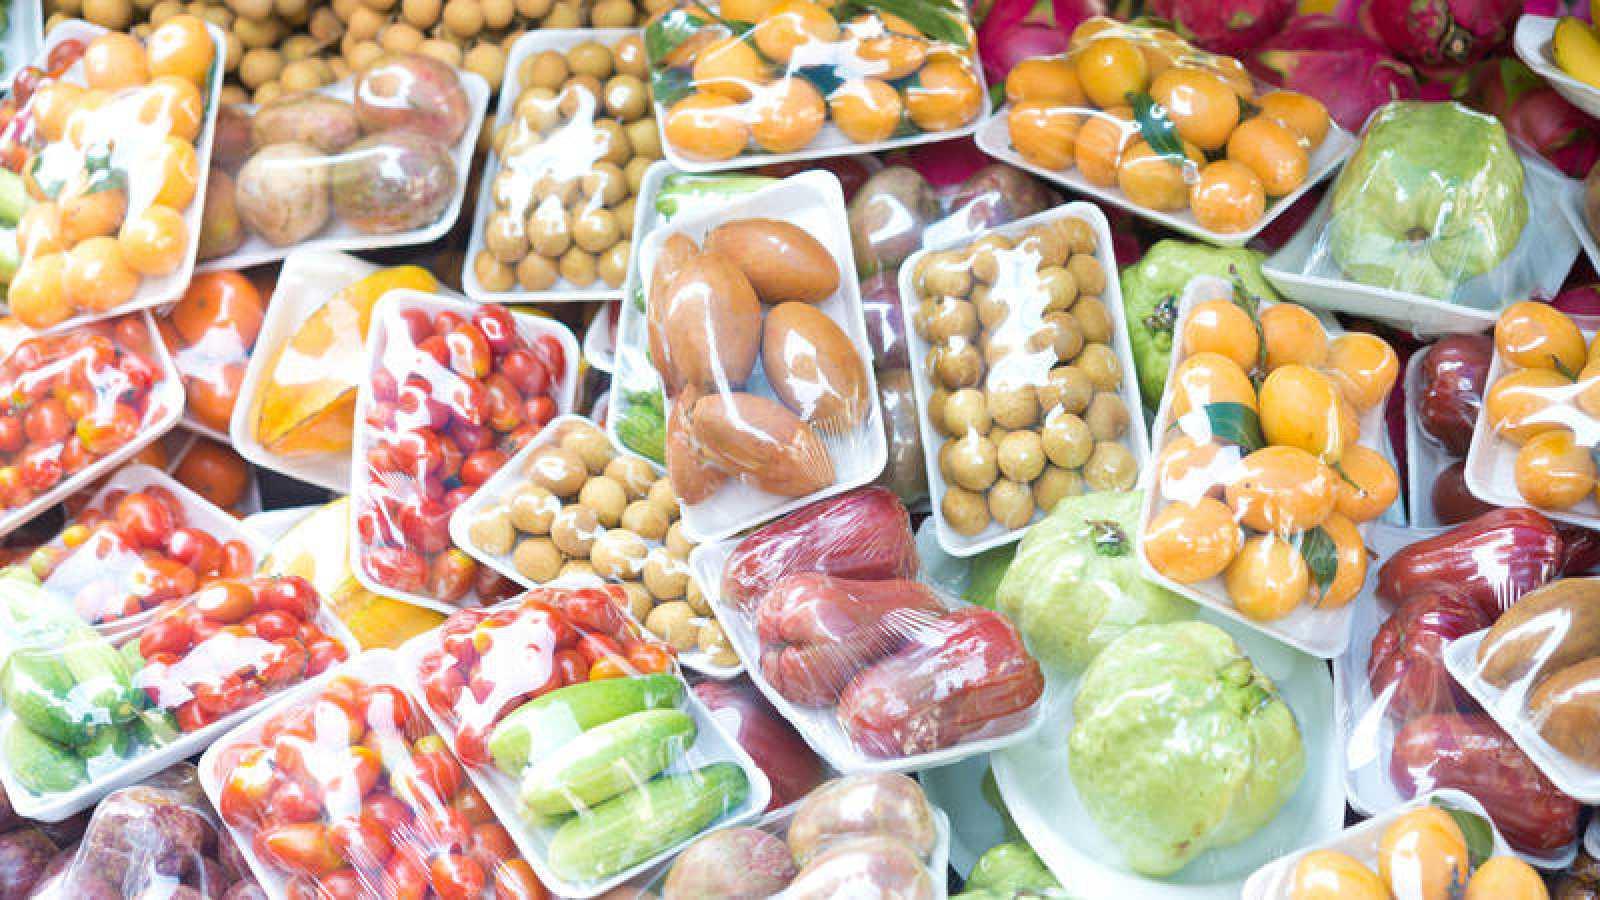 En la mayoría de tiendas de alimentación y grandes superficies es casi imposible evitar comprar sin envases de plástico.